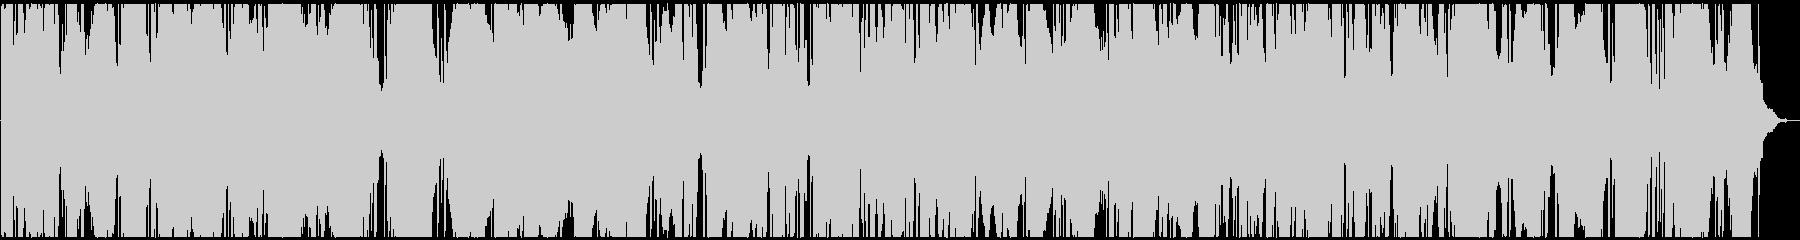 シーケンス ダークビート02の未再生の波形